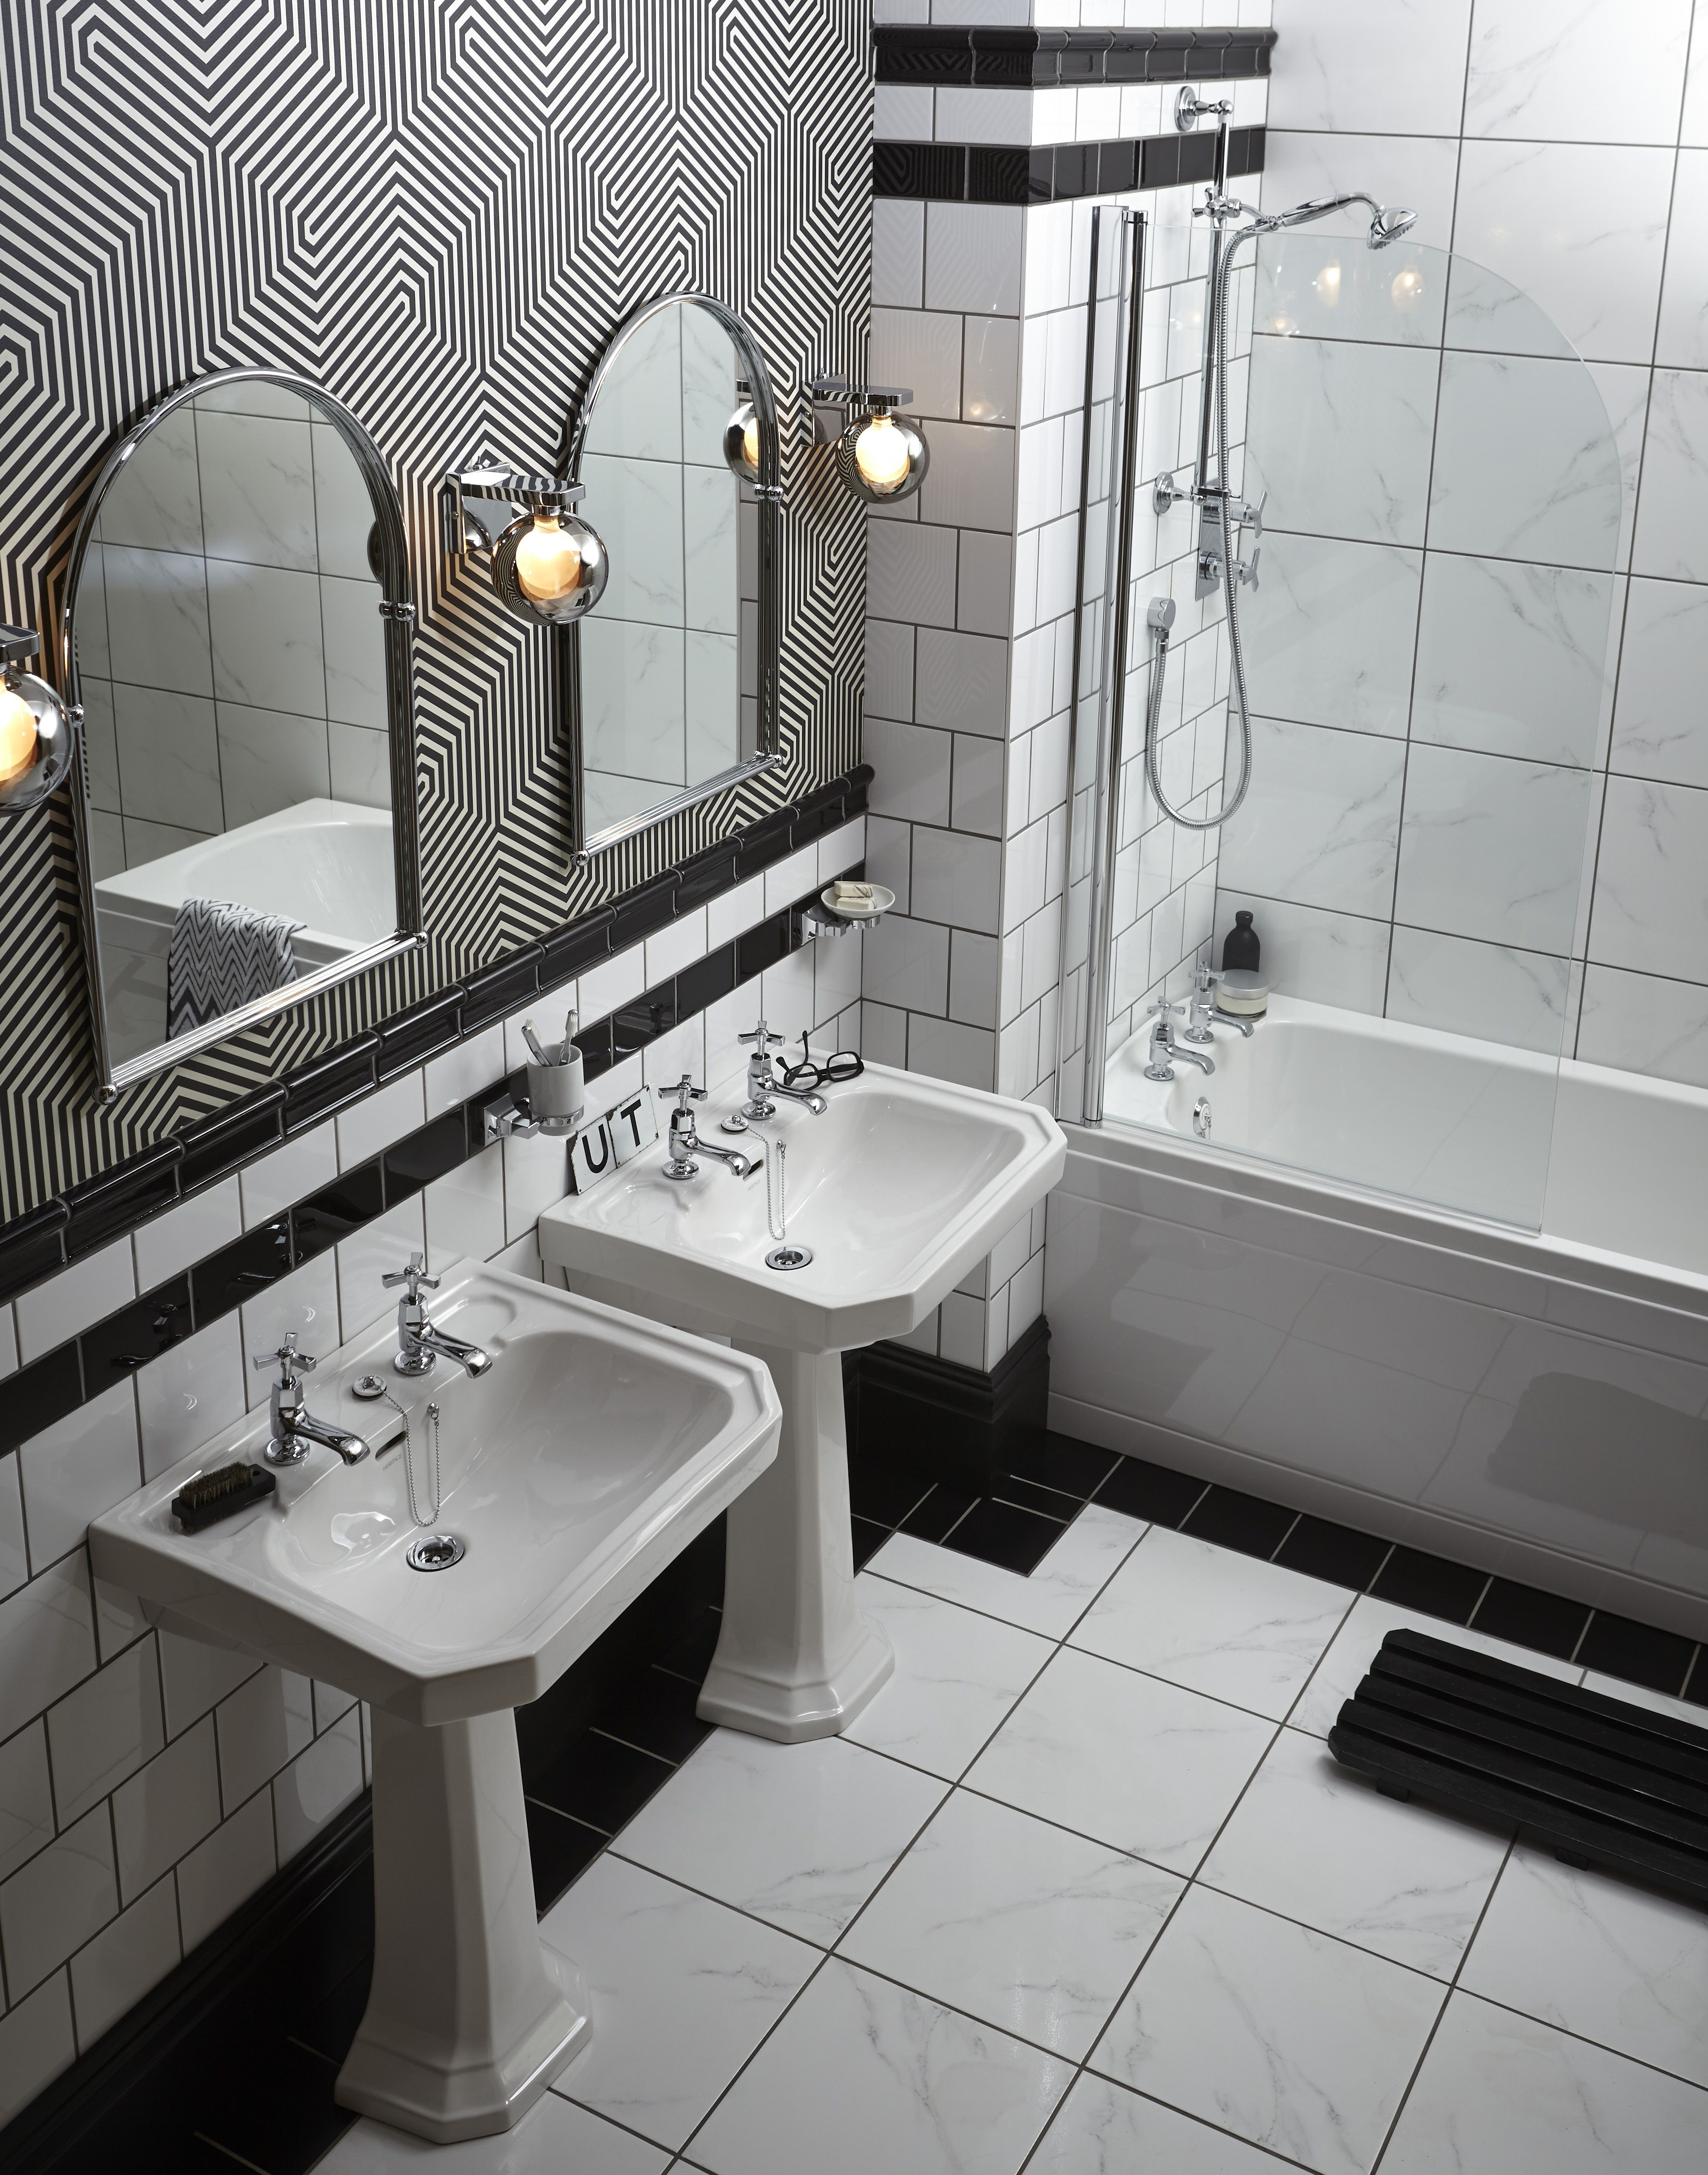 Nostalgie Keramik Waschtisch Granley Mit Standsaule Waschtisch Badezimmer Innenausstattung Bad Styling